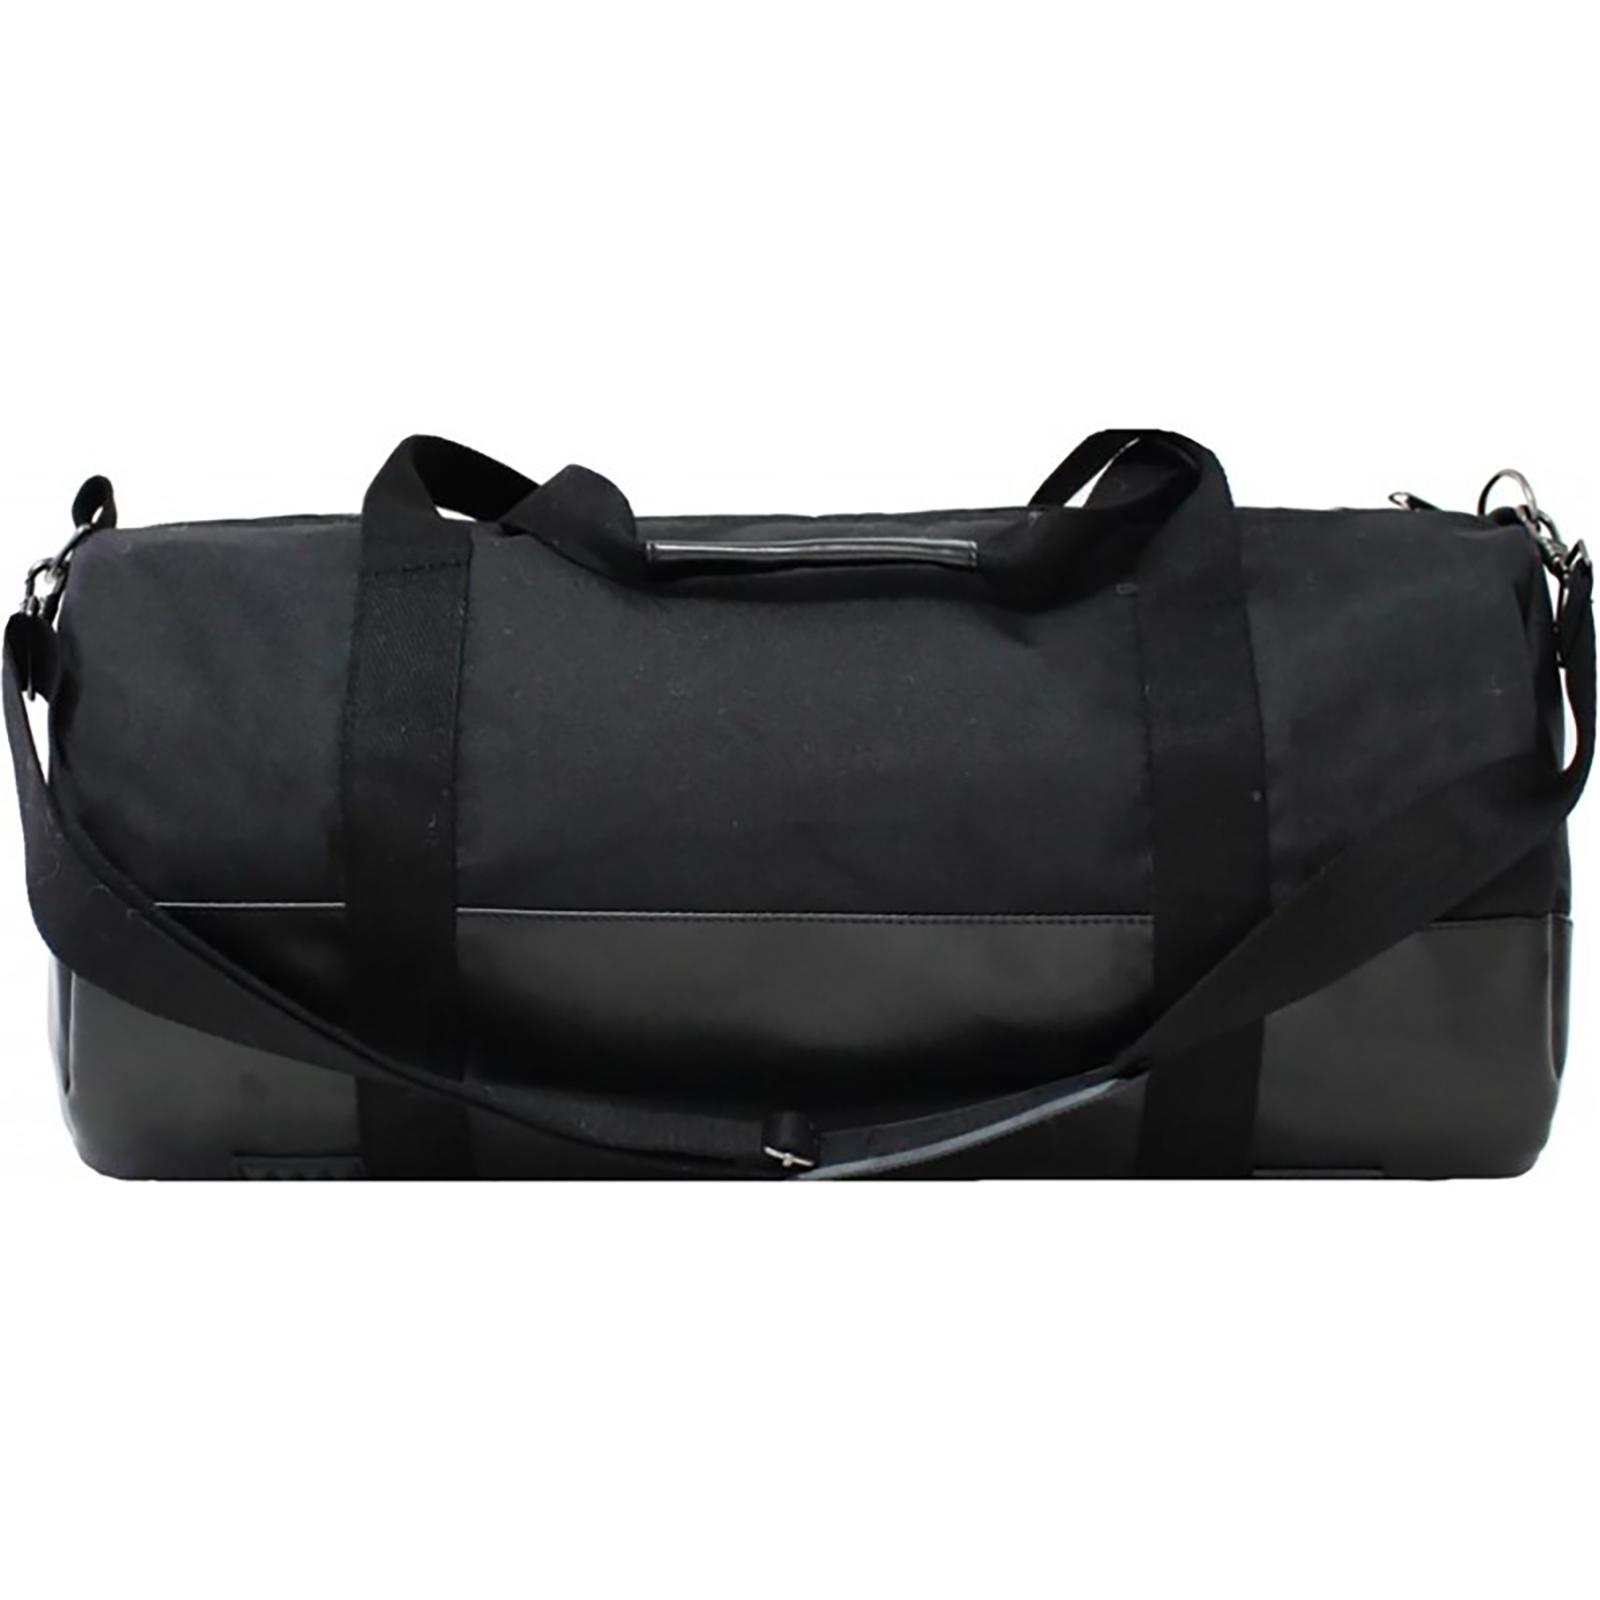 Спортивные сумки Сумка Bagland Staff 30 л. Чёрный (00300663) Screenshot_2.jpg